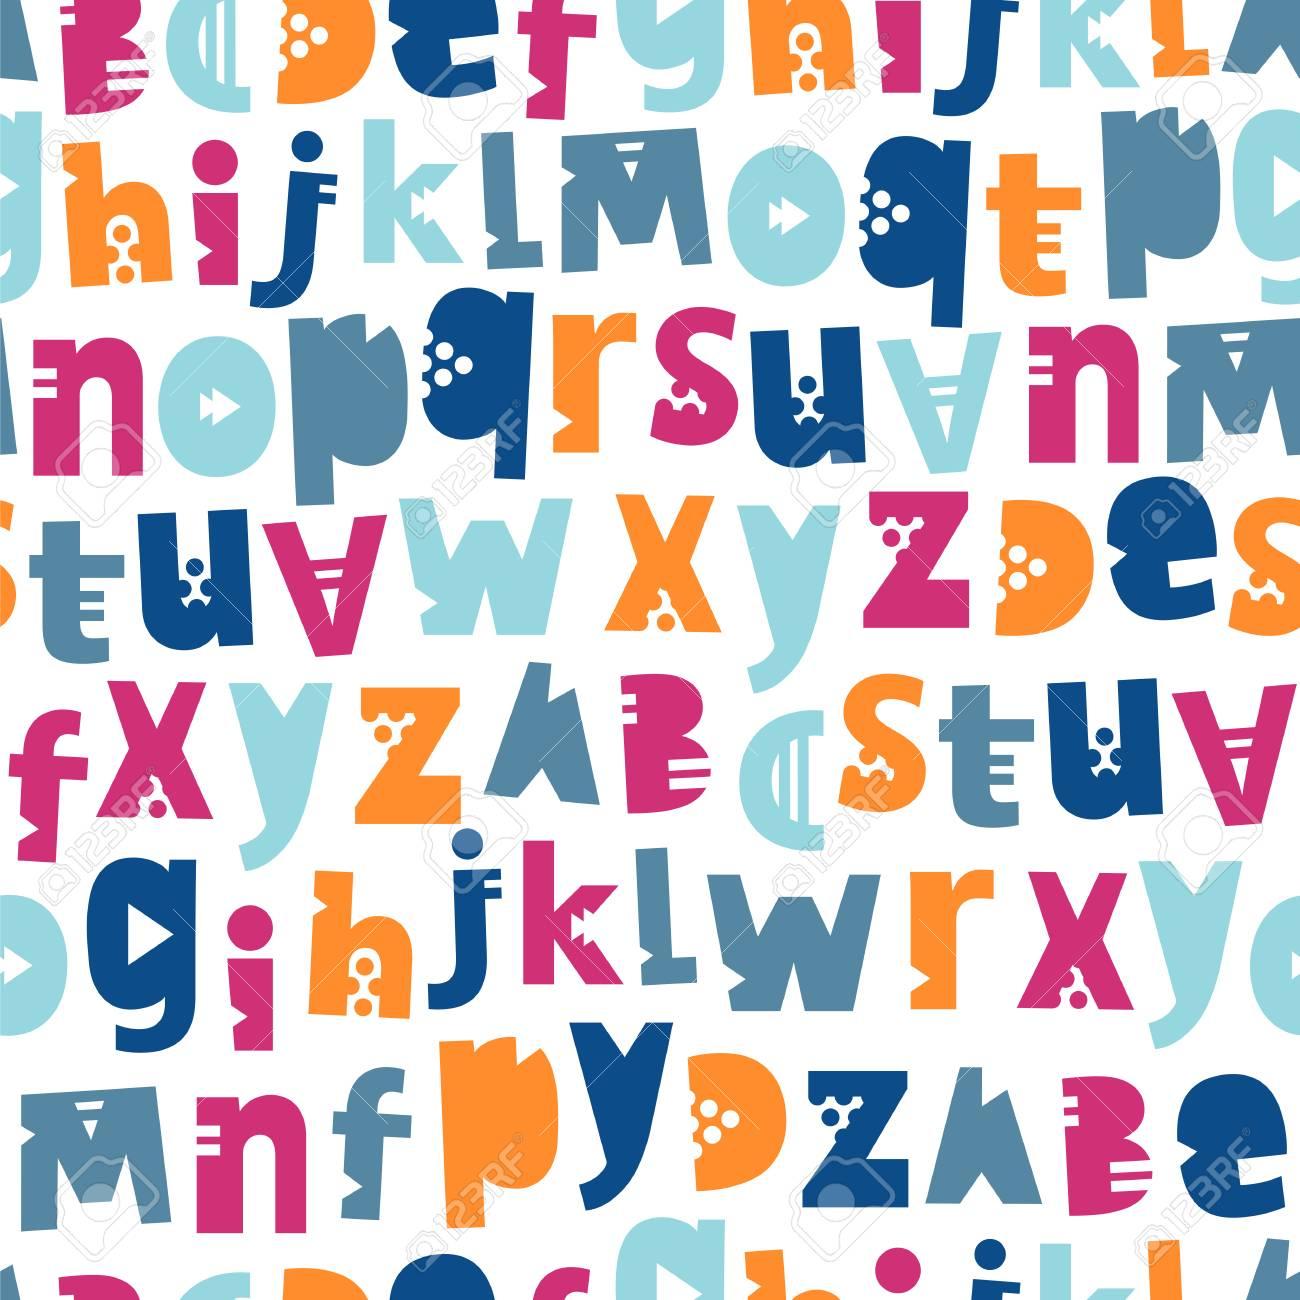 Padrao De Vetor Sem Emenda Das Letras Do Alfabeto Ingles Fundo